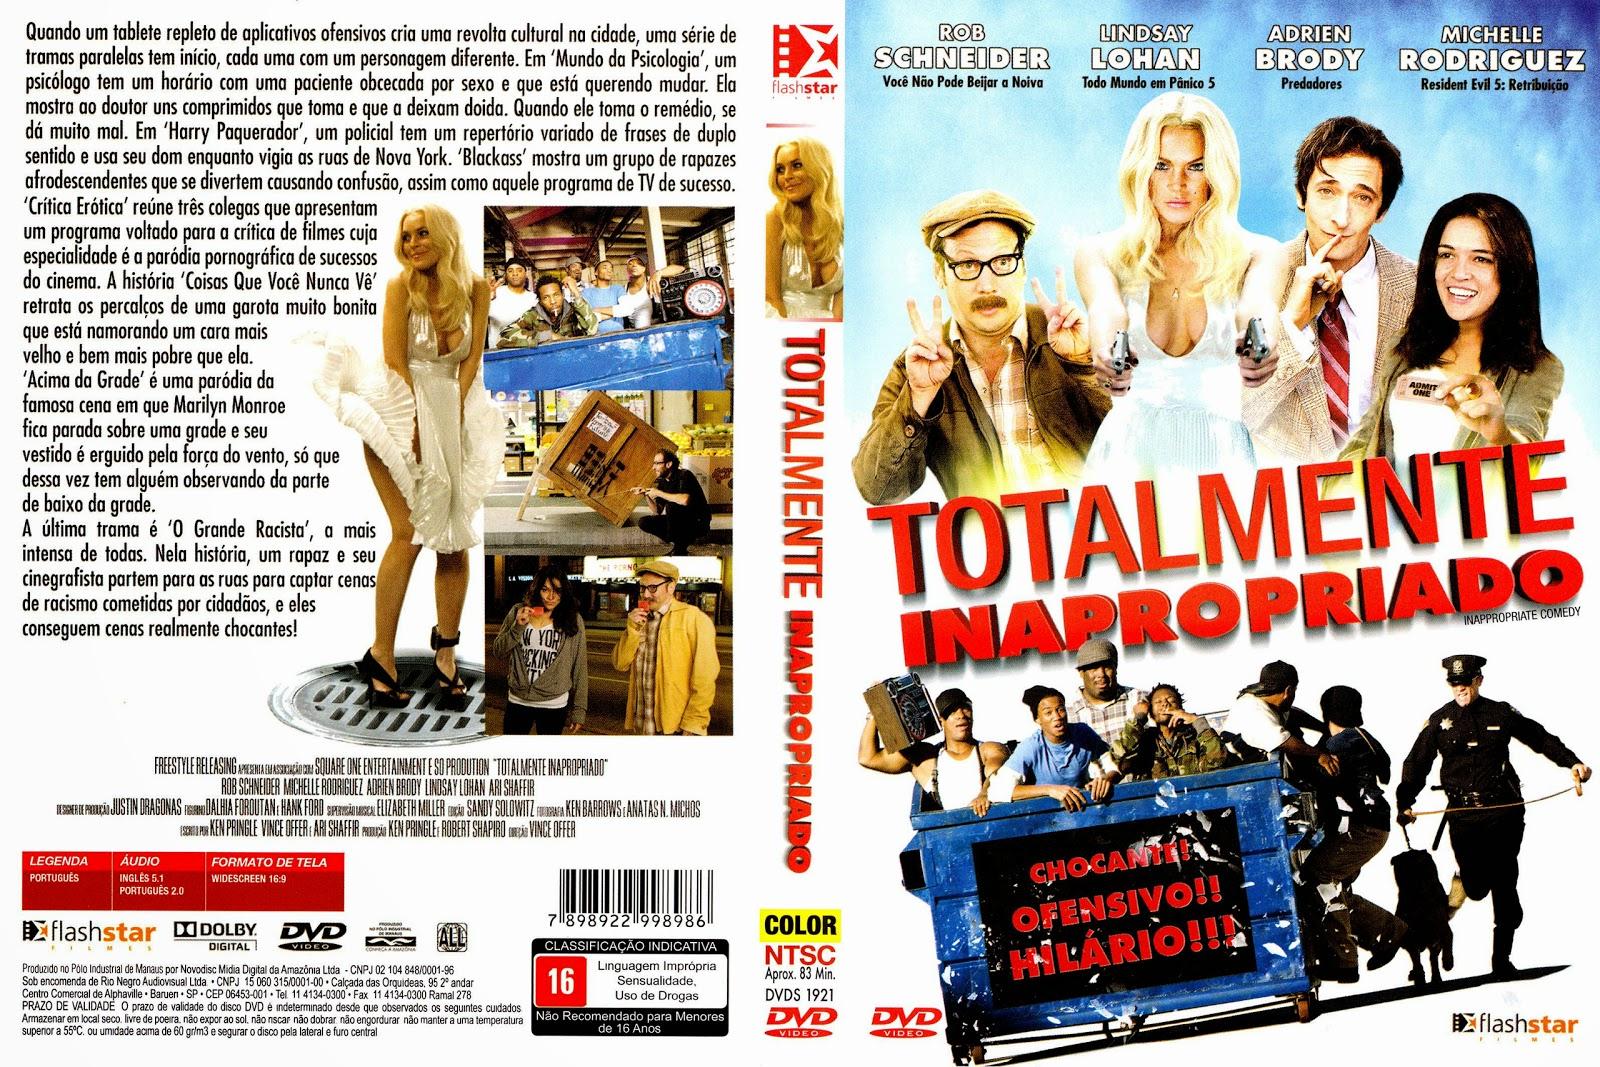 Capa DVD Totalmente Inapropriado